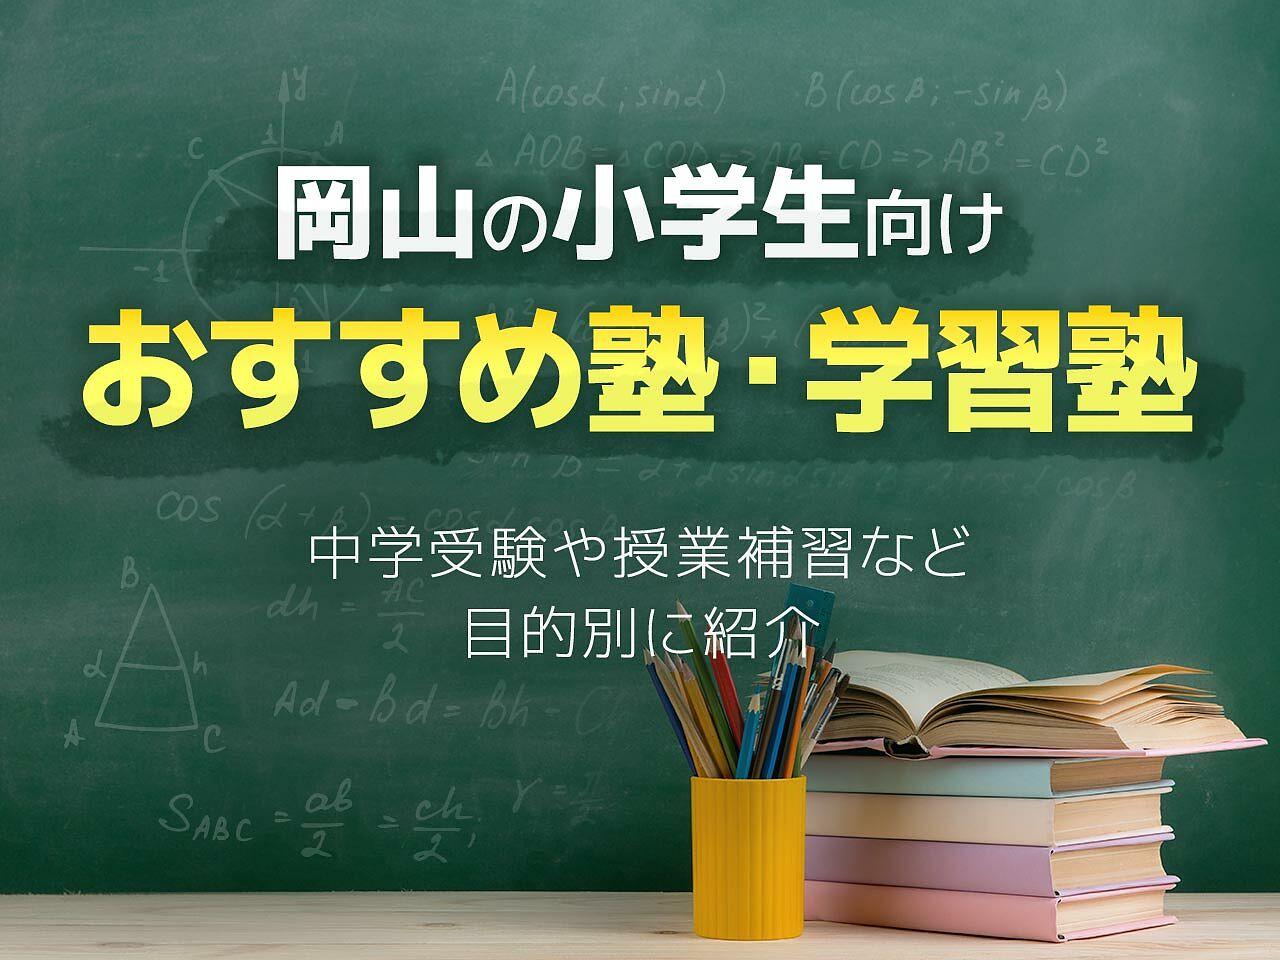 岡山の小学生向け塾・学習塾おすすめ26選!中学受験や授業補習など目的別に紹介の画像